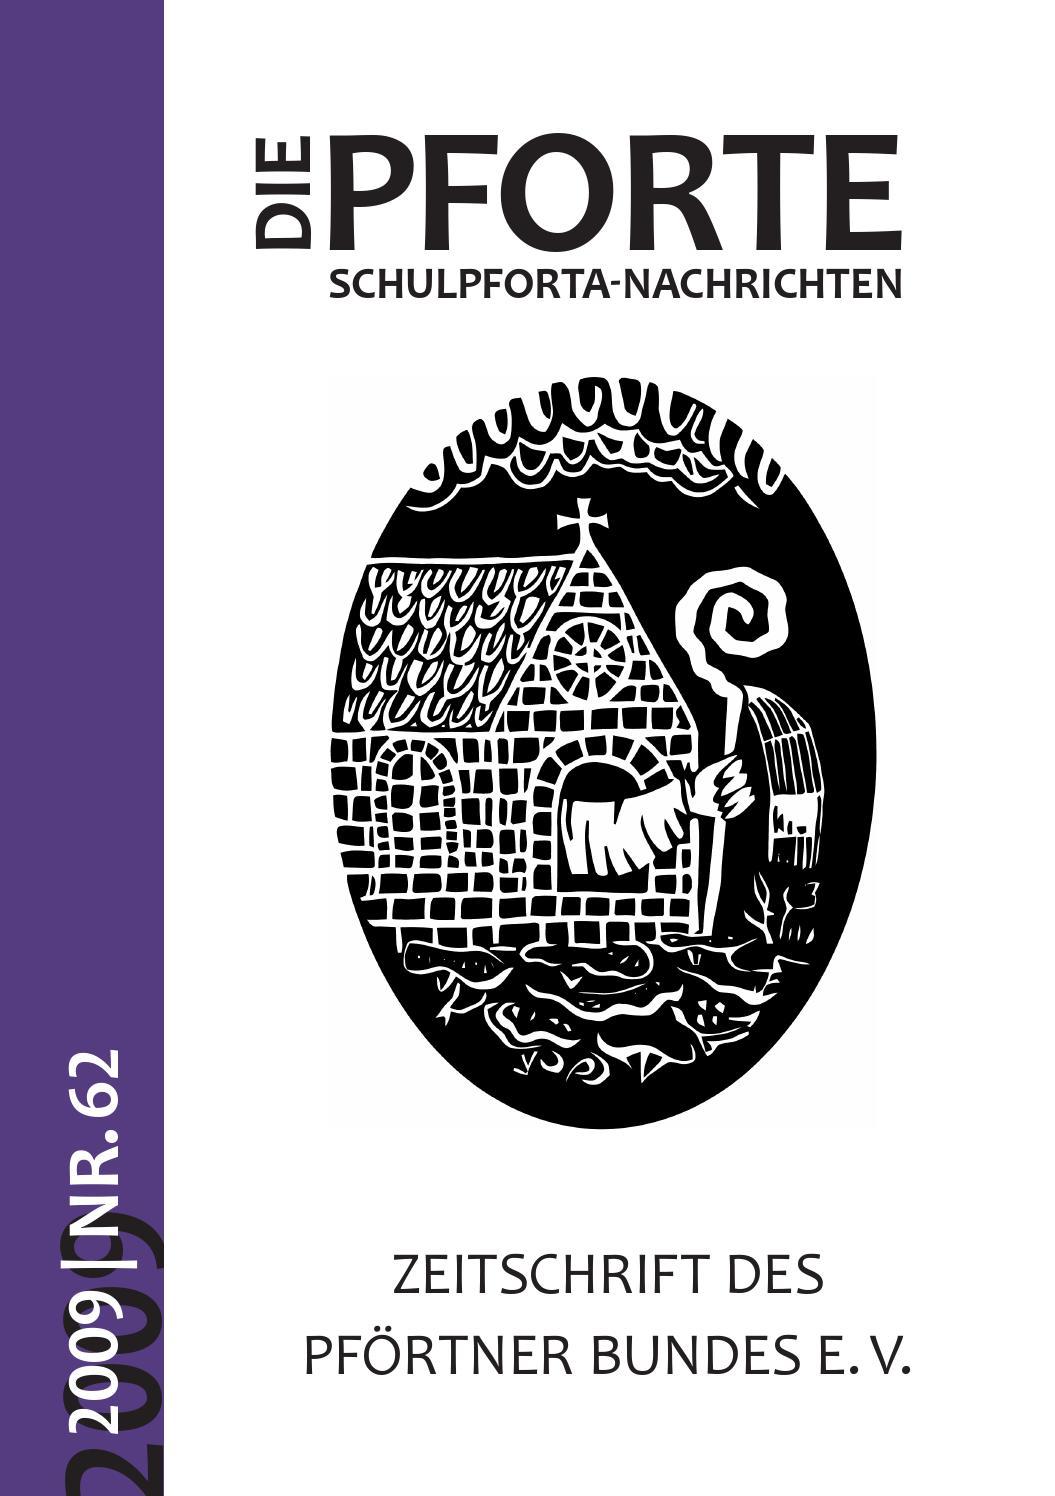 DIE PFORTE Nr. 62/2009 by David Ortmann - issuu